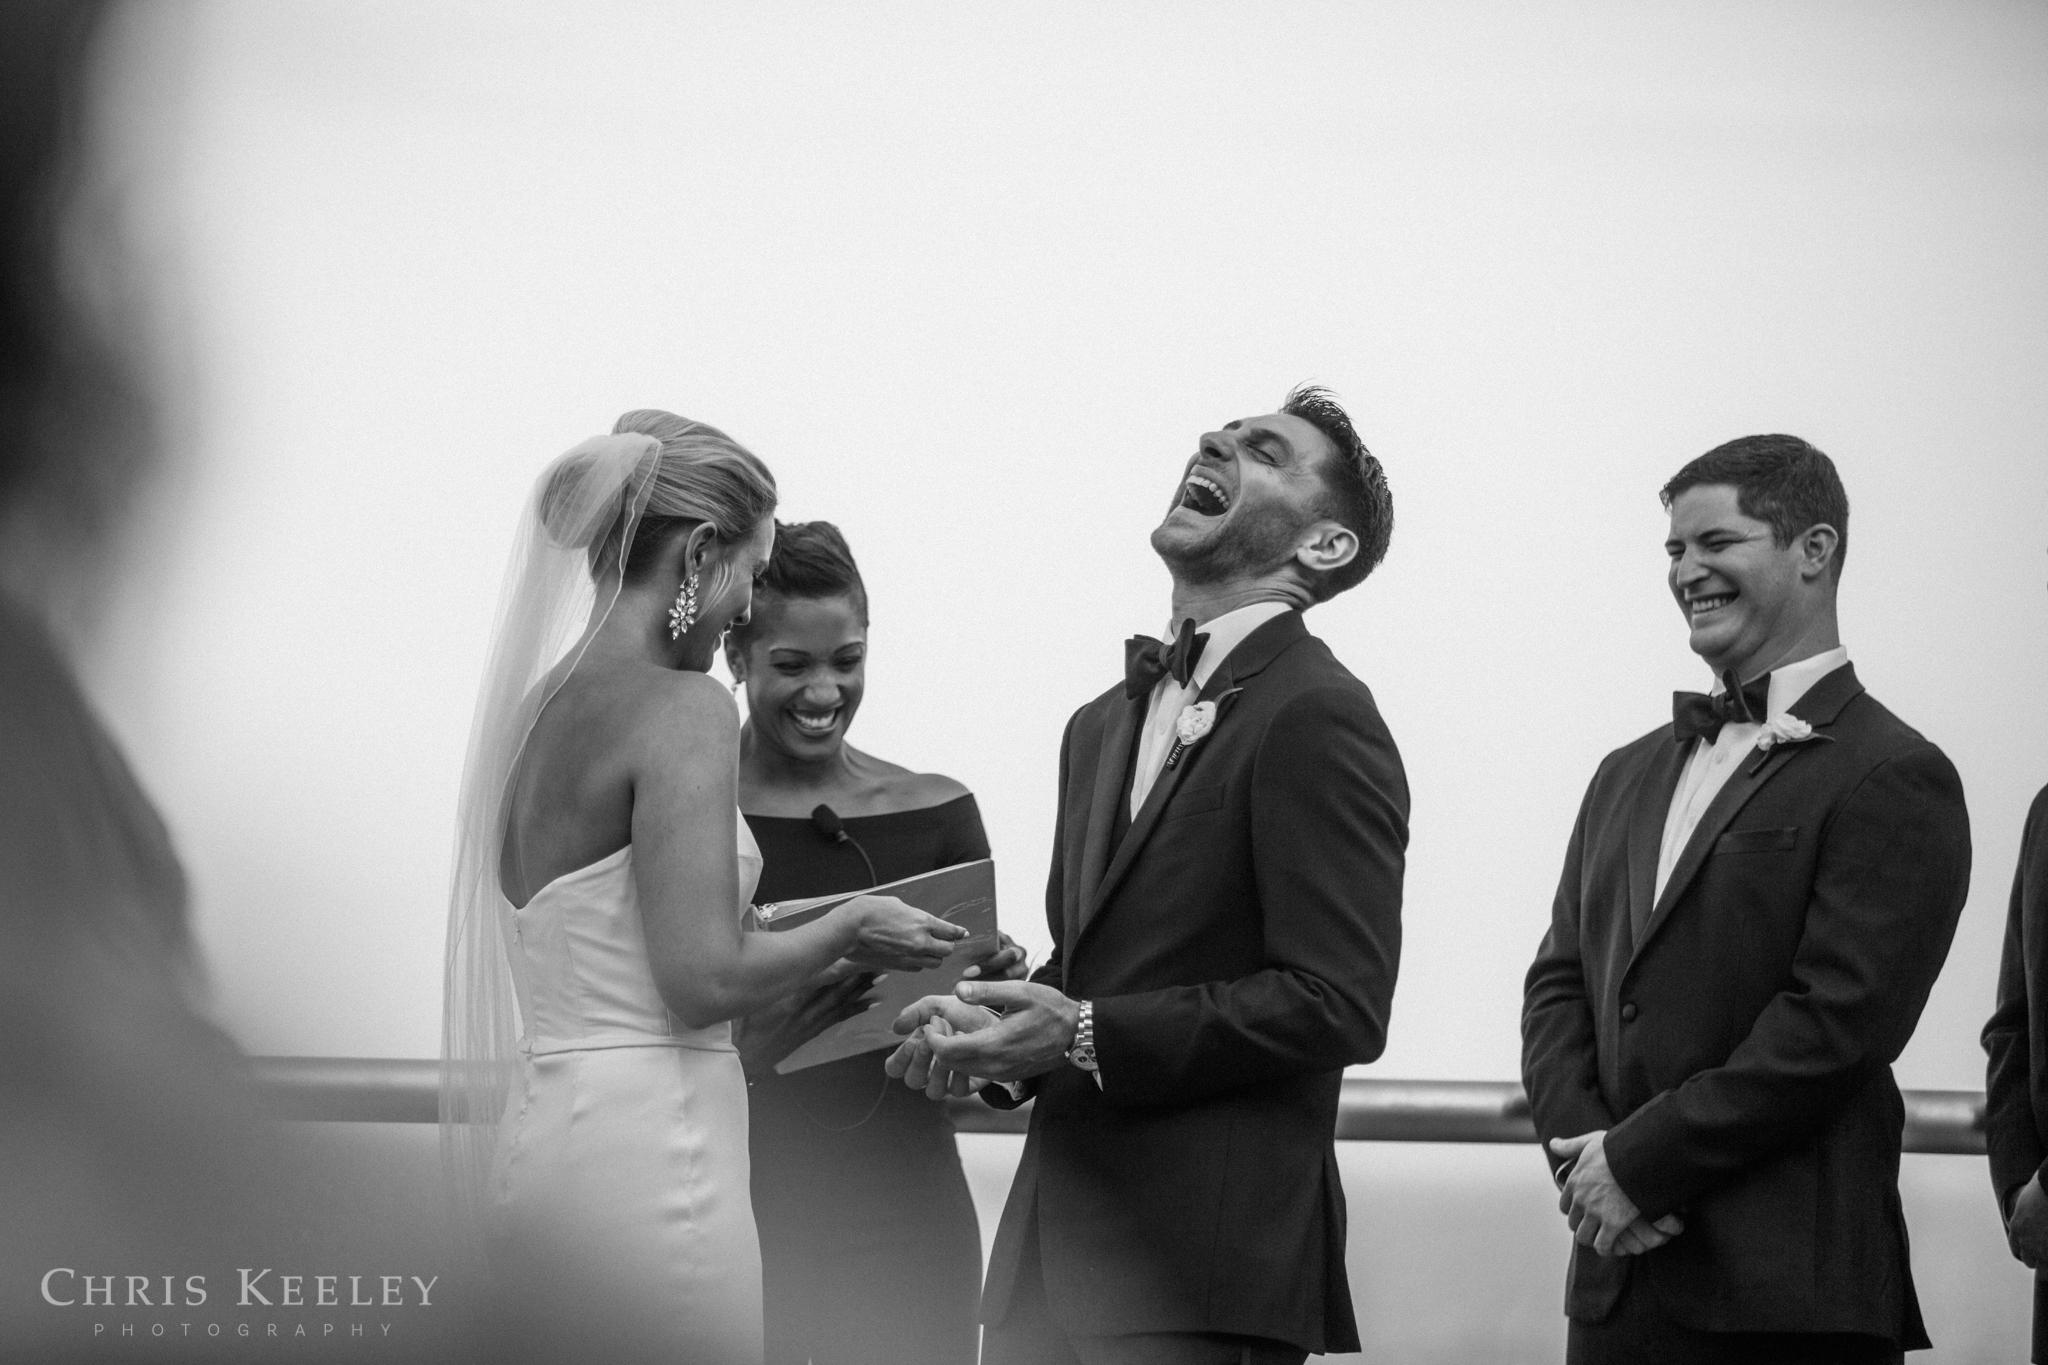 cliff-house-maine-wedding-photographer-chris-keeley-57.jpg